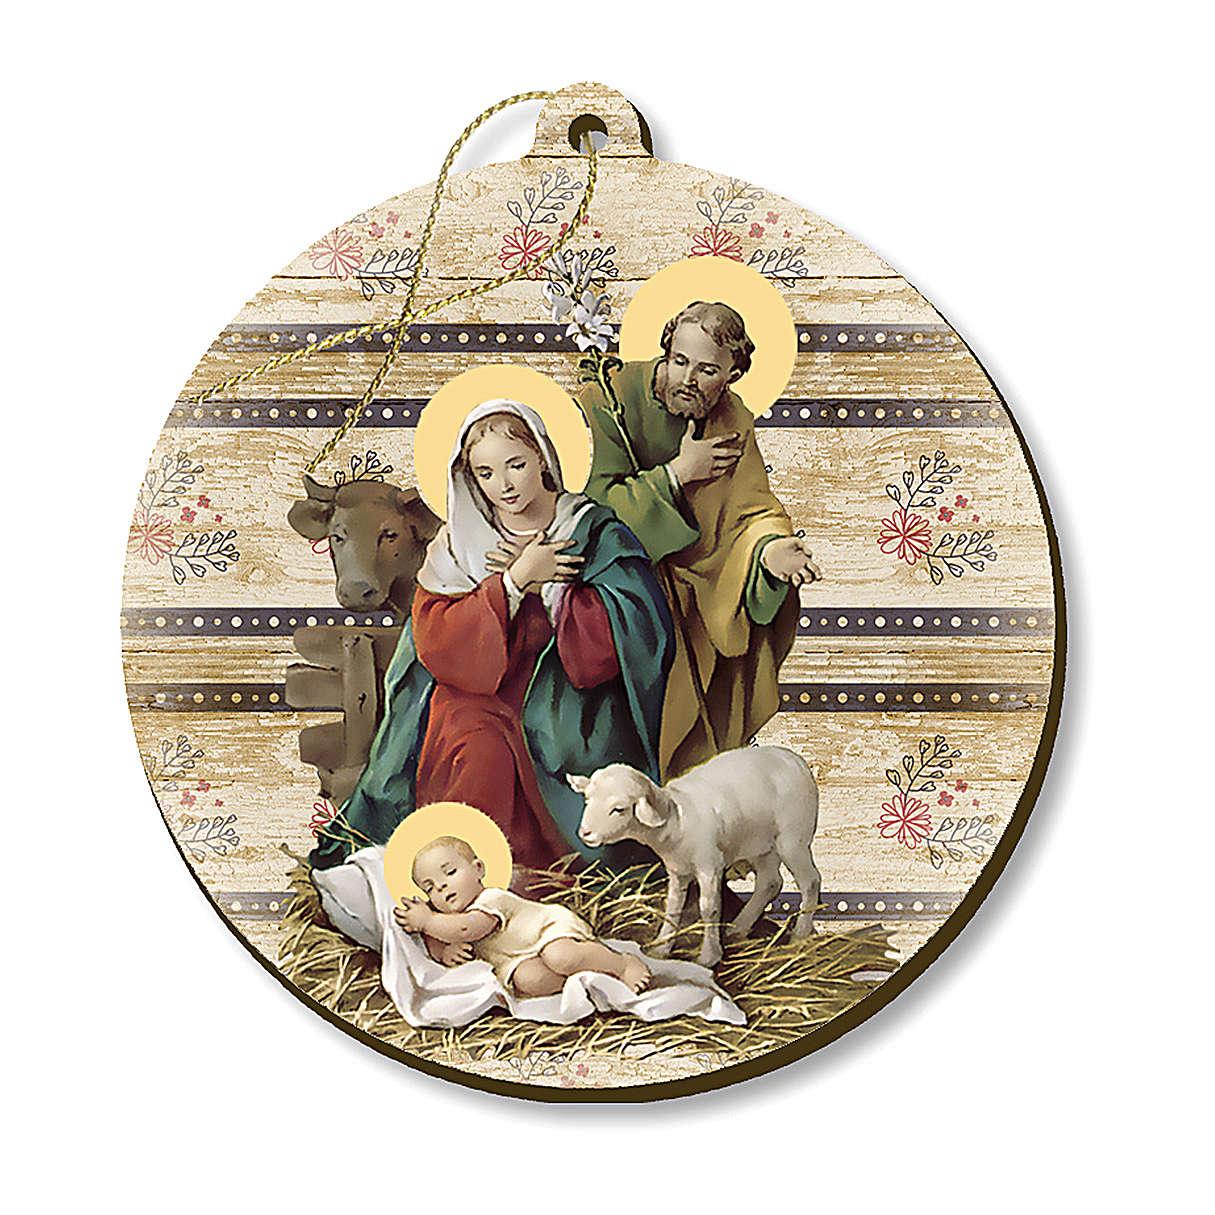 Adorno de Natal madeira moldada com imagem Presépio 4